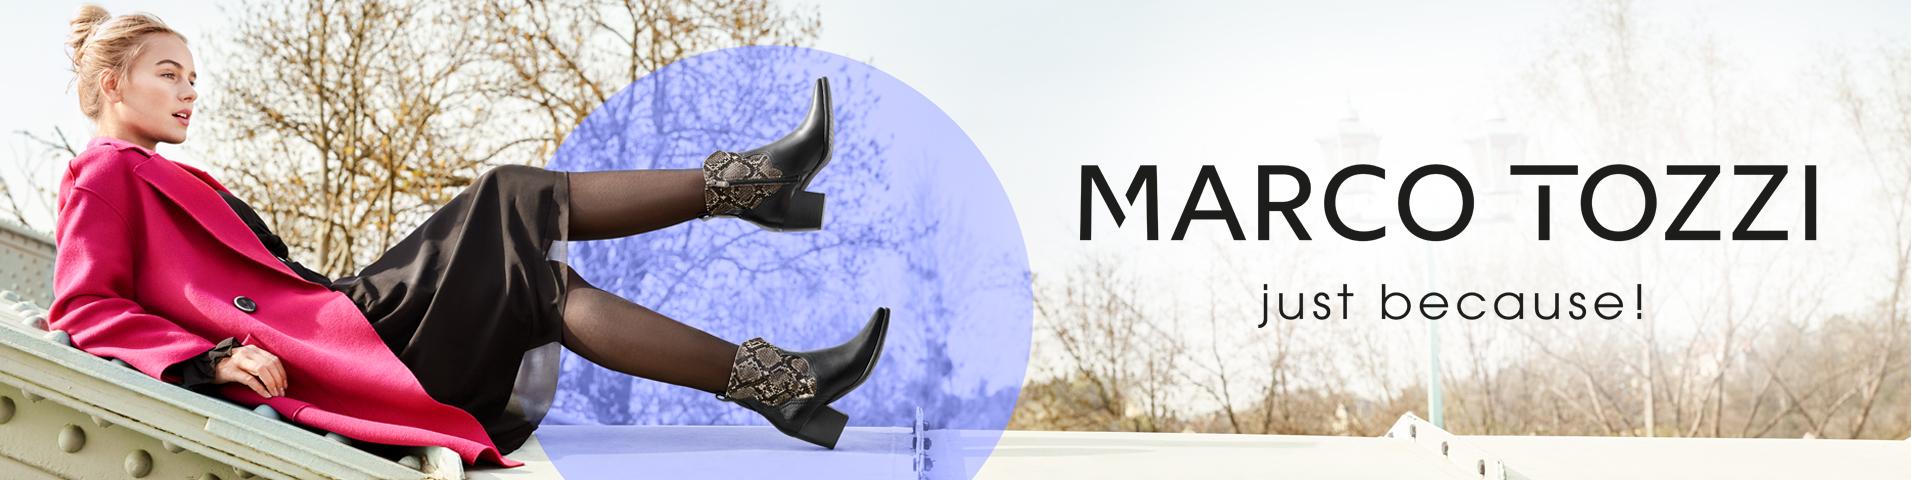 Scarpe donna Marco Tozzi | Grande assortimento di calzature